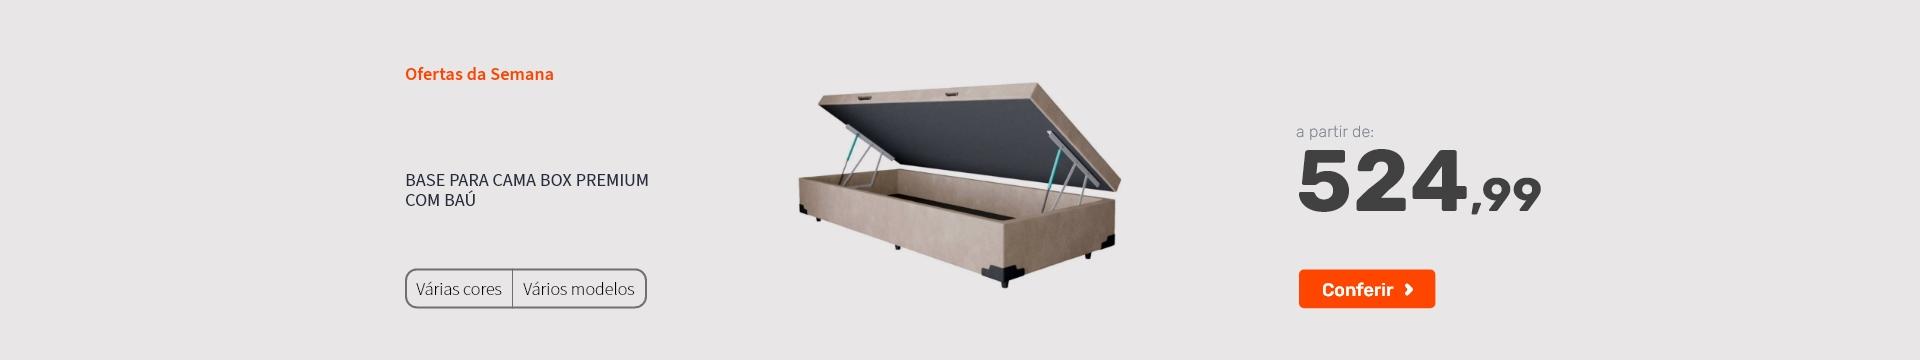 Base para Cama Box Premium com Baú - Ofertas especiais